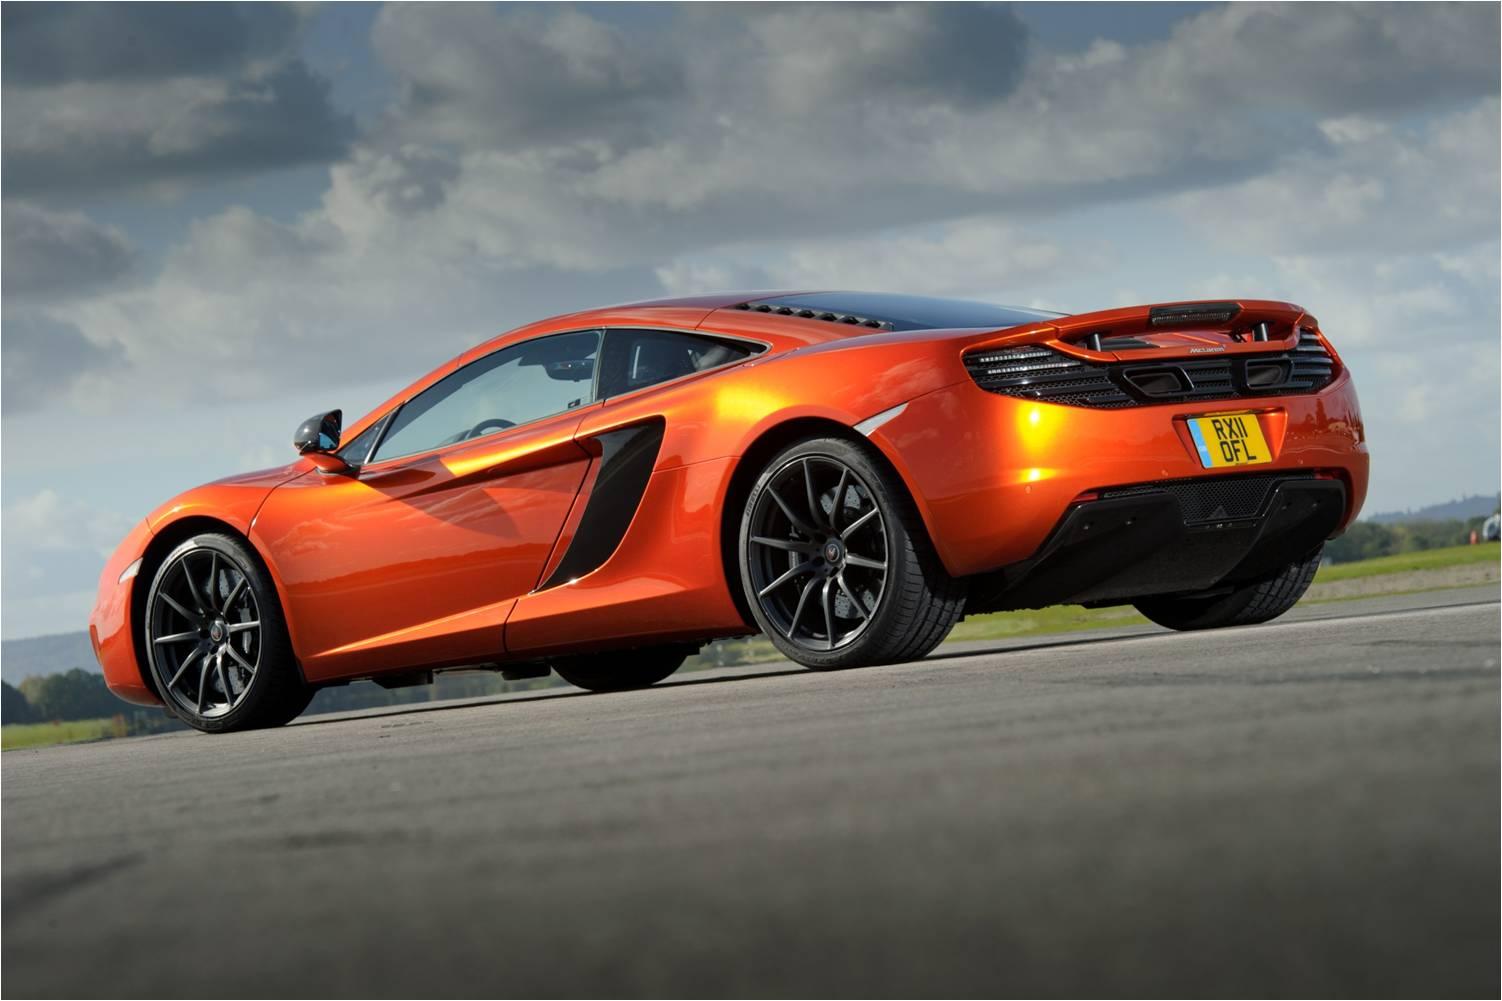 McLaren MP4-12C 2012 orange low rear close